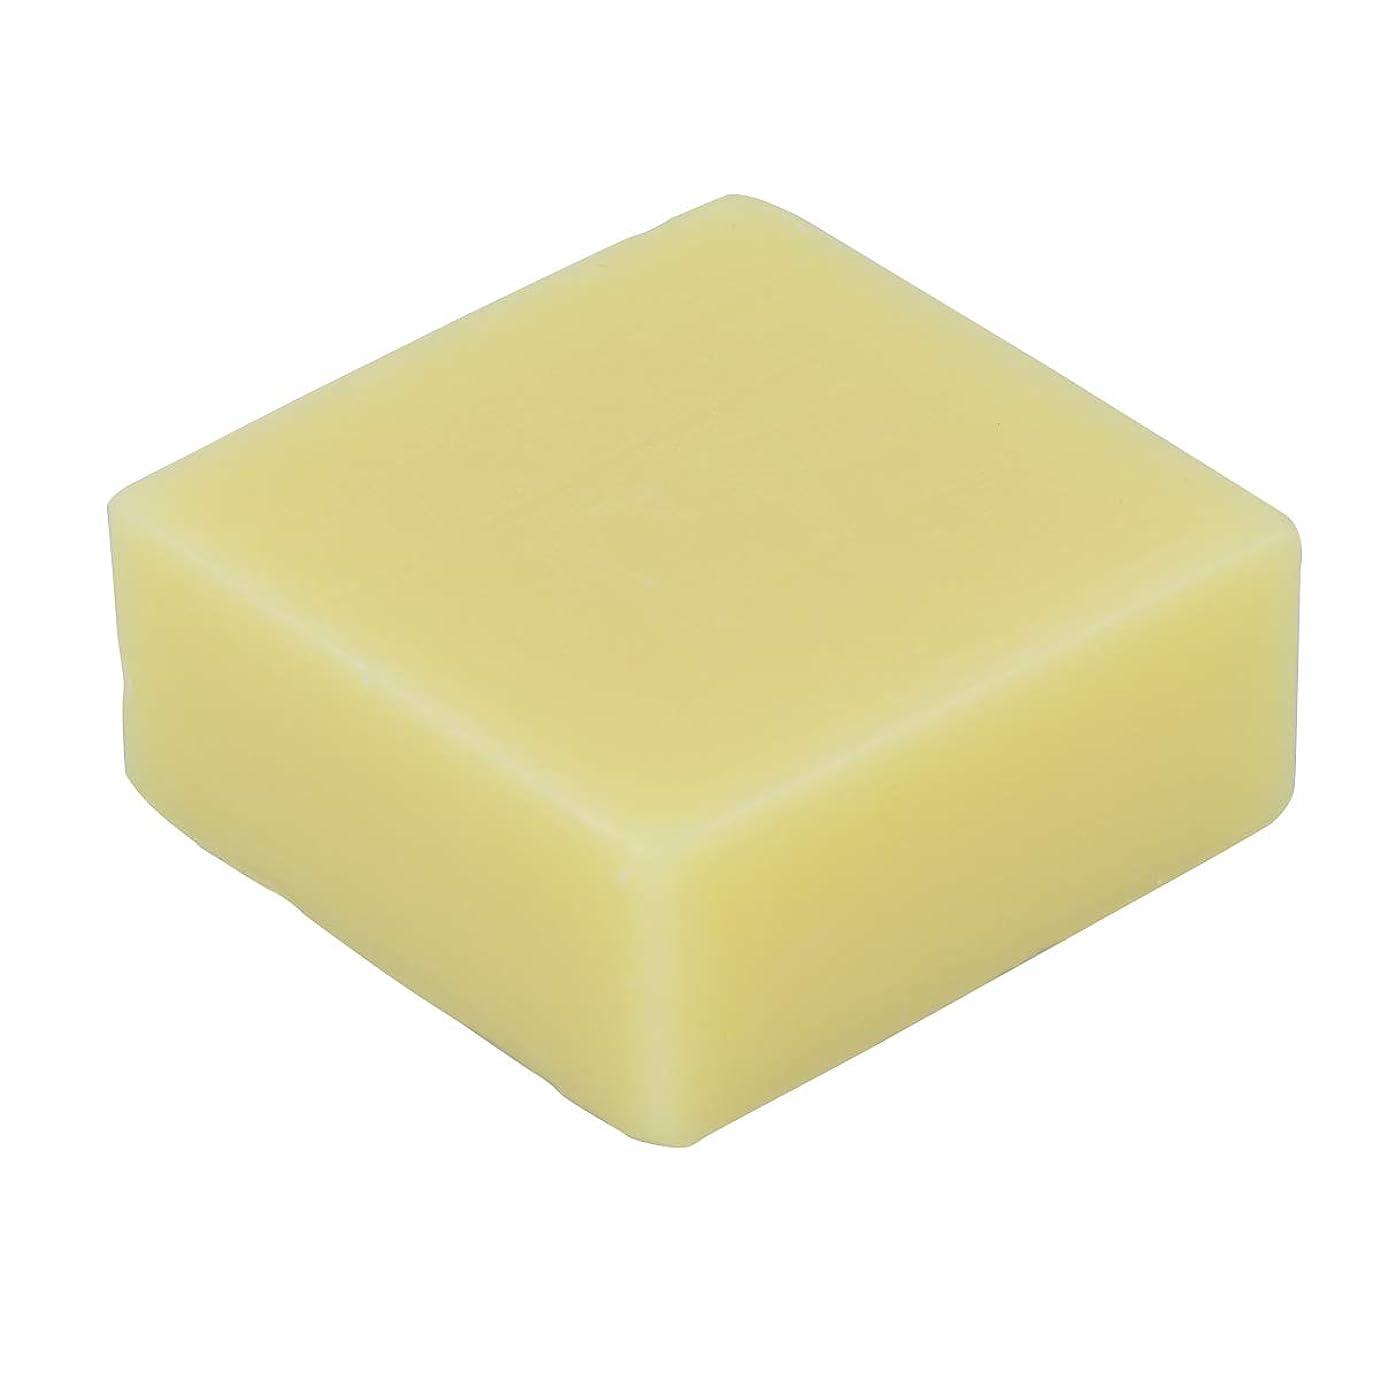 パテ絶縁する予防接種Lurrose お風呂用洗顔石鹸バー手作りエッセンシャルオイル石鹸人参石鹸